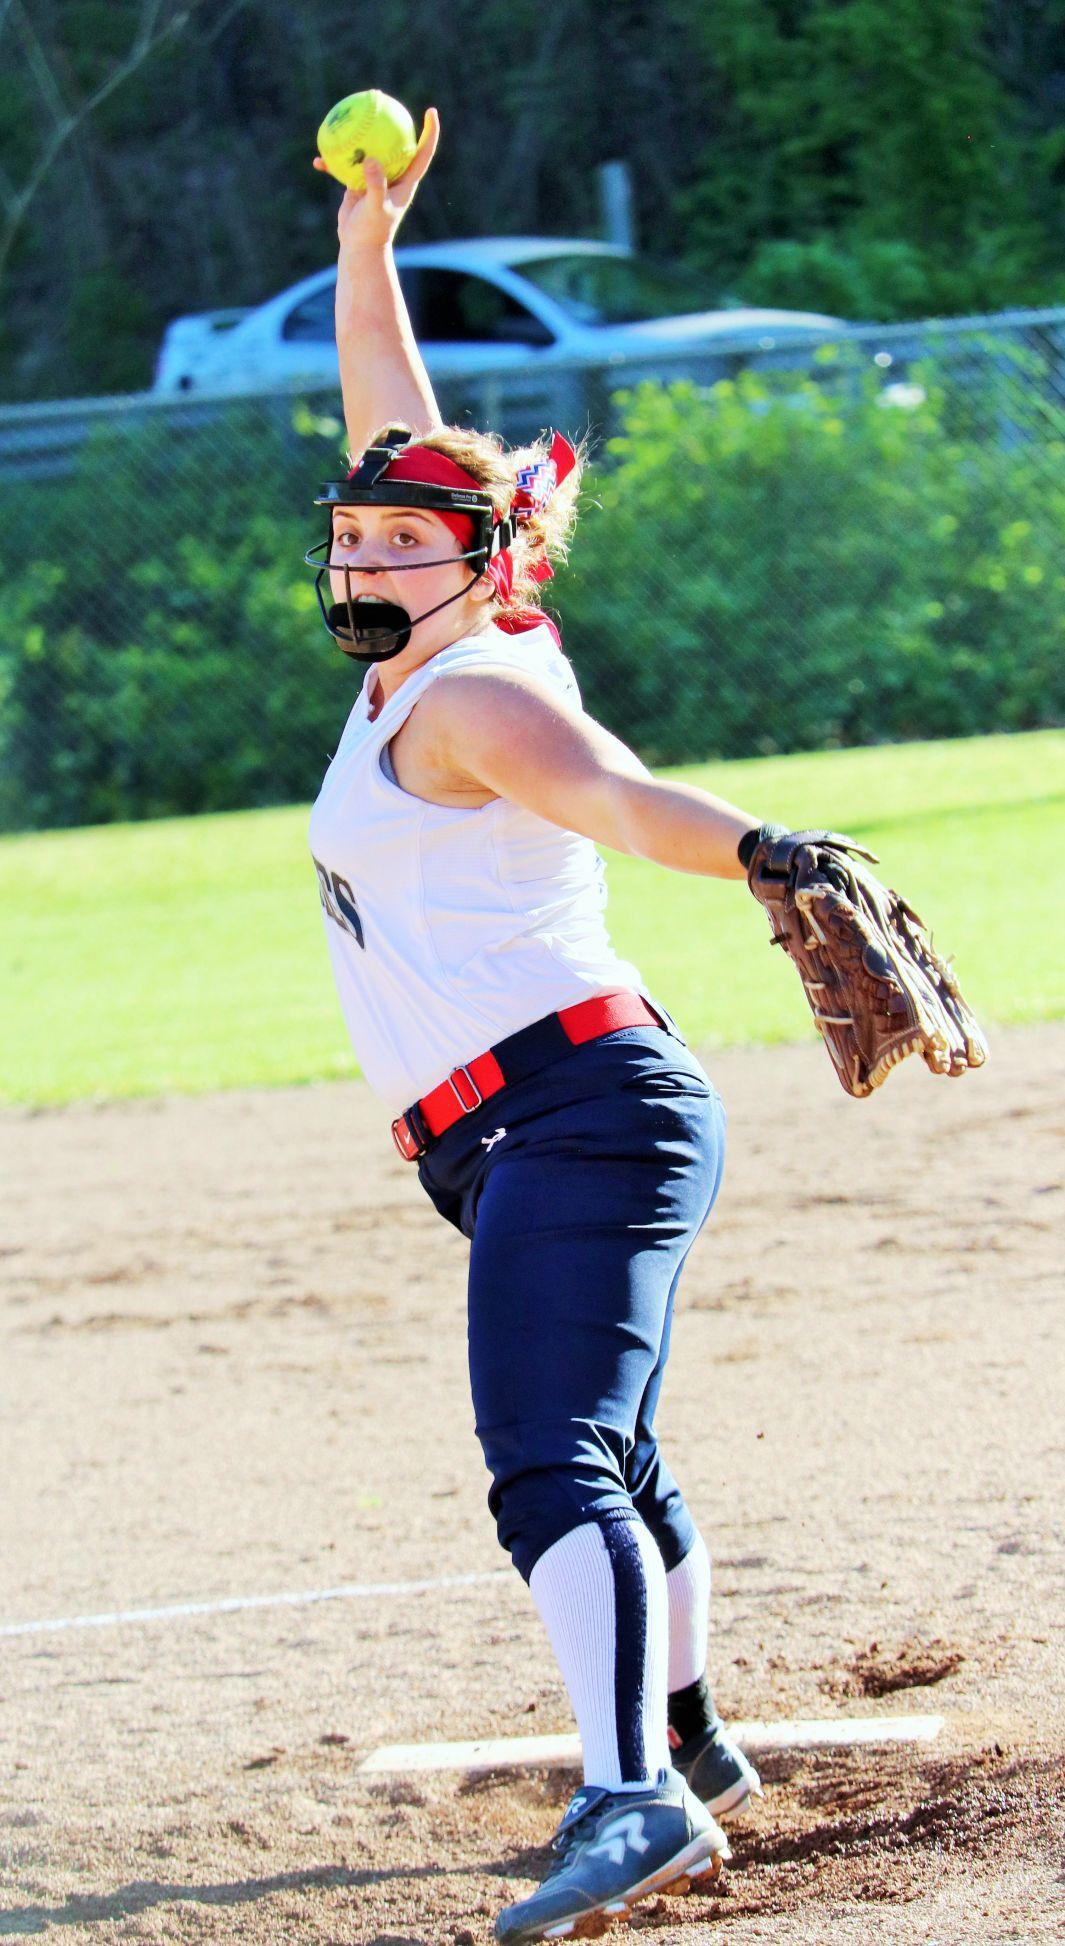 0424_ManShermanSoftball Ashlee Tomblin pitches